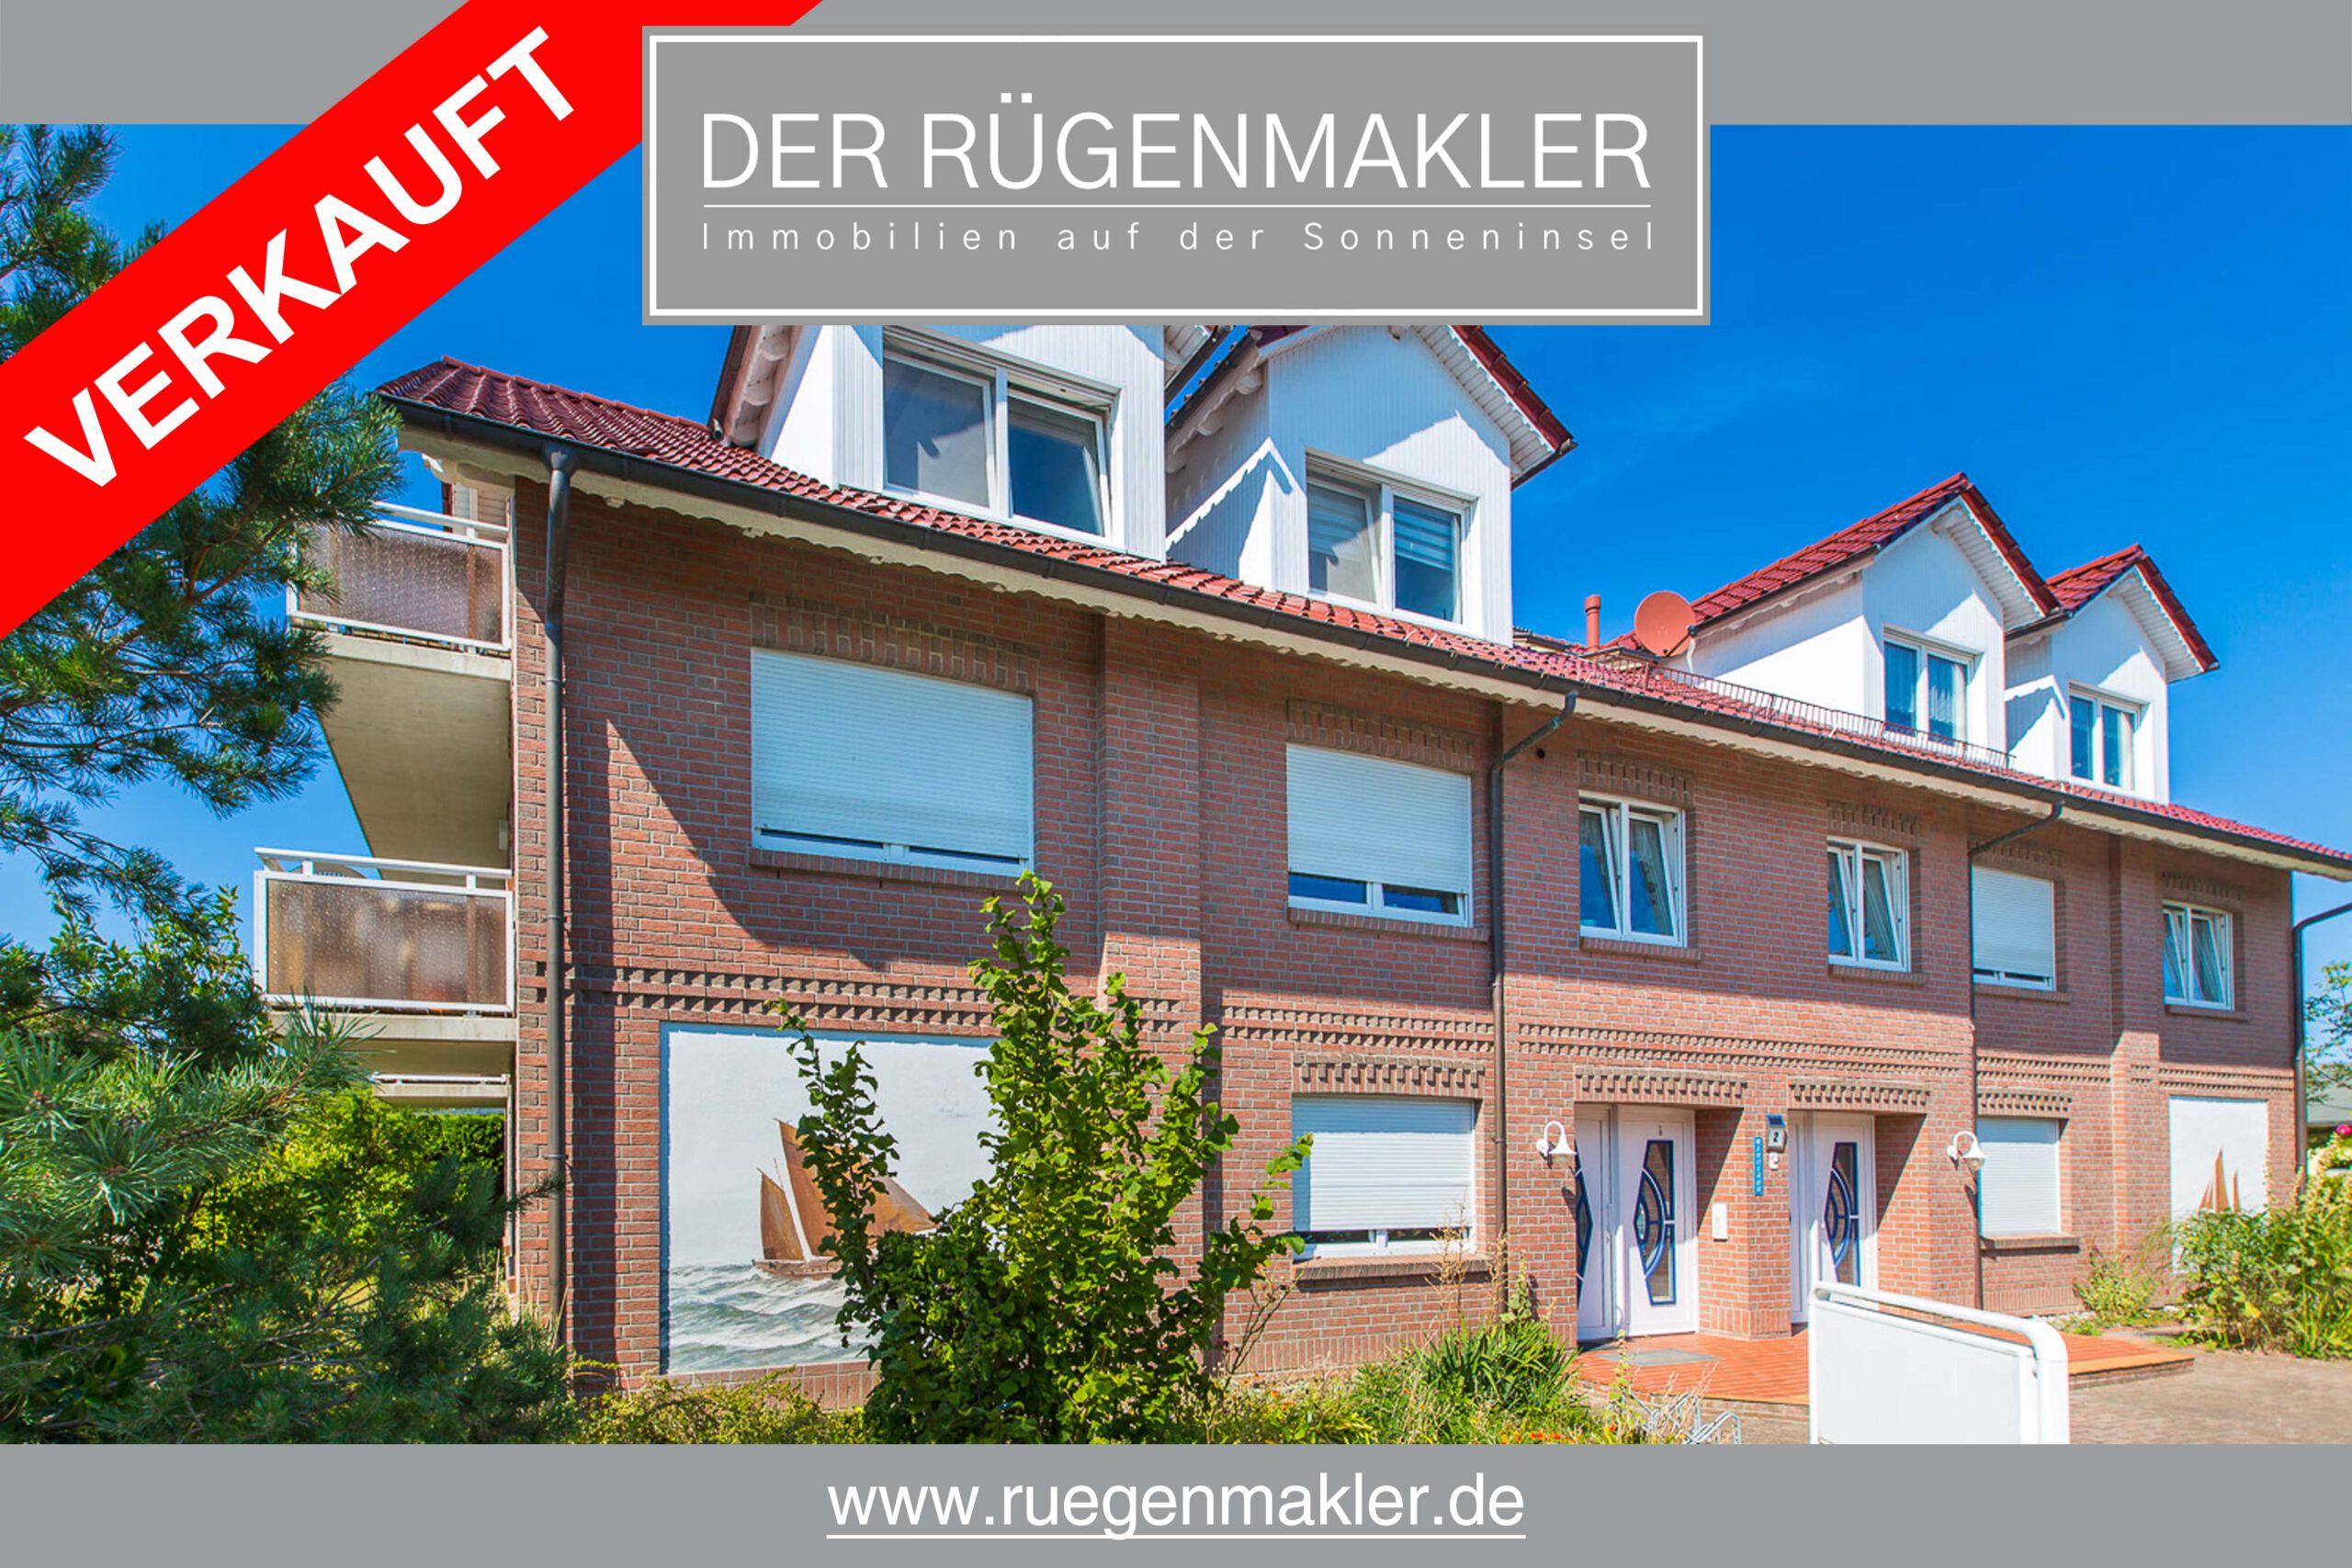 ruegenmakler-dranske-mehrfamilienhaus